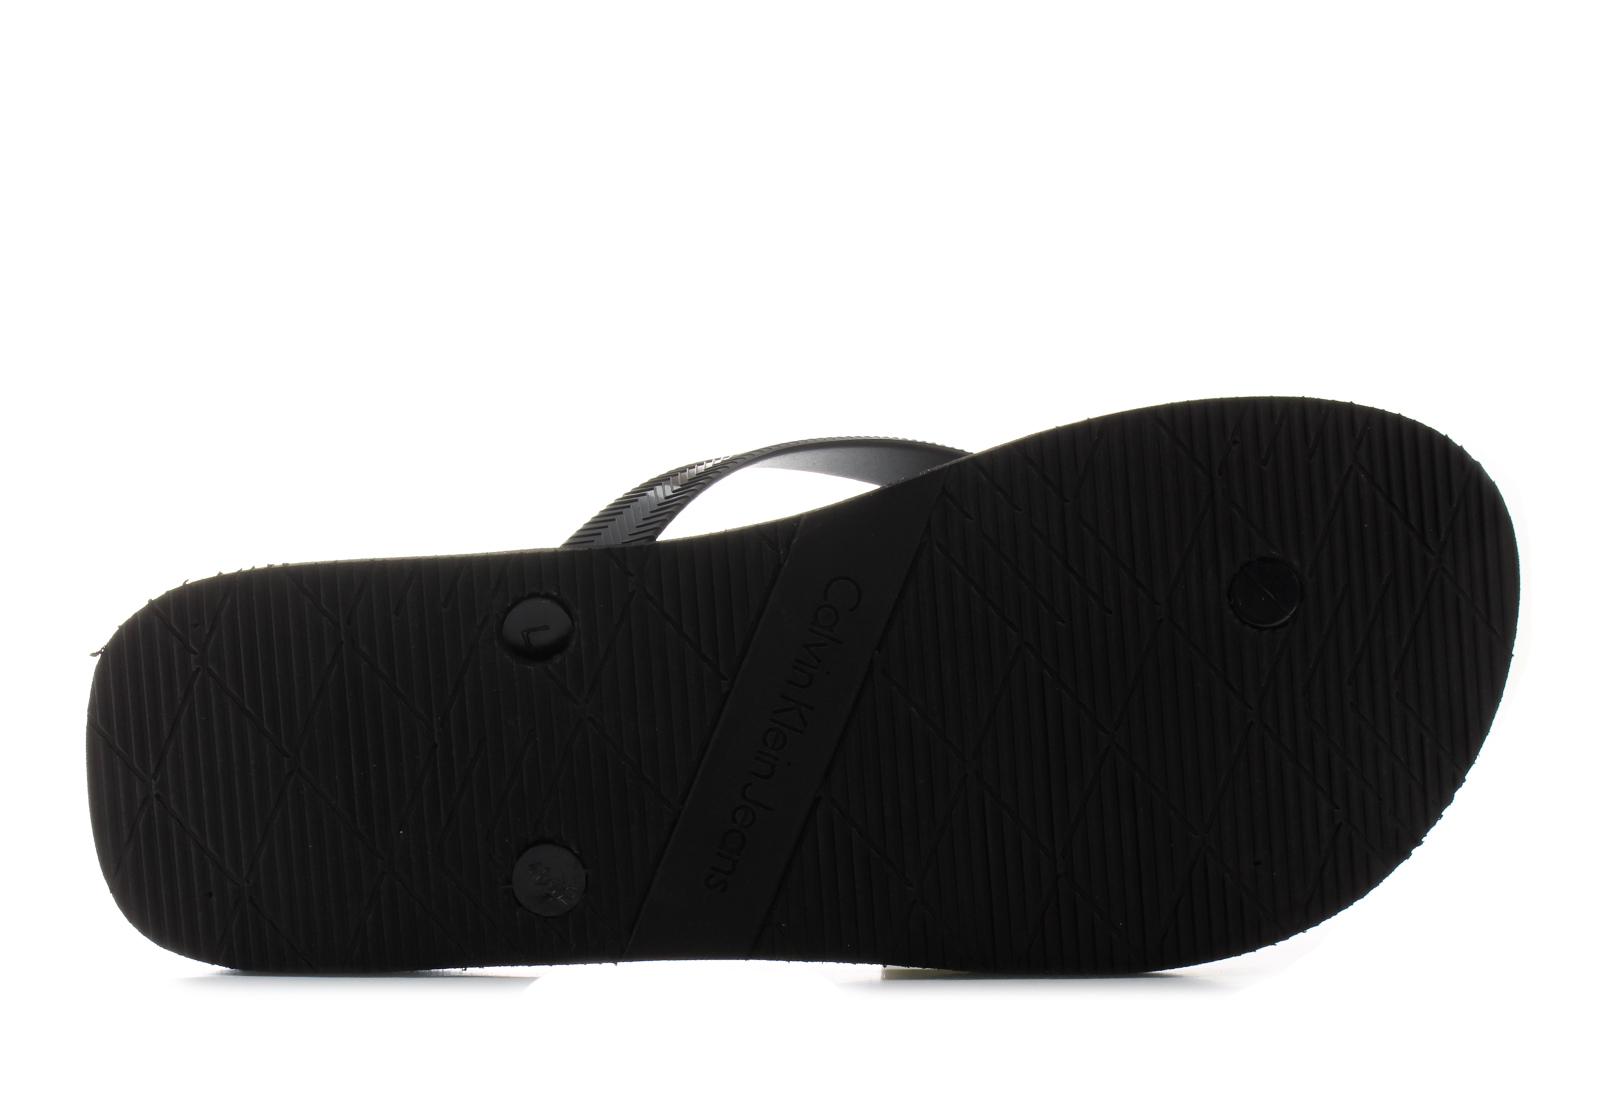 Calvin Klein Jeans Slippers - Dash - S0063-BLK - Online shop for ... 7d85c1ce8d